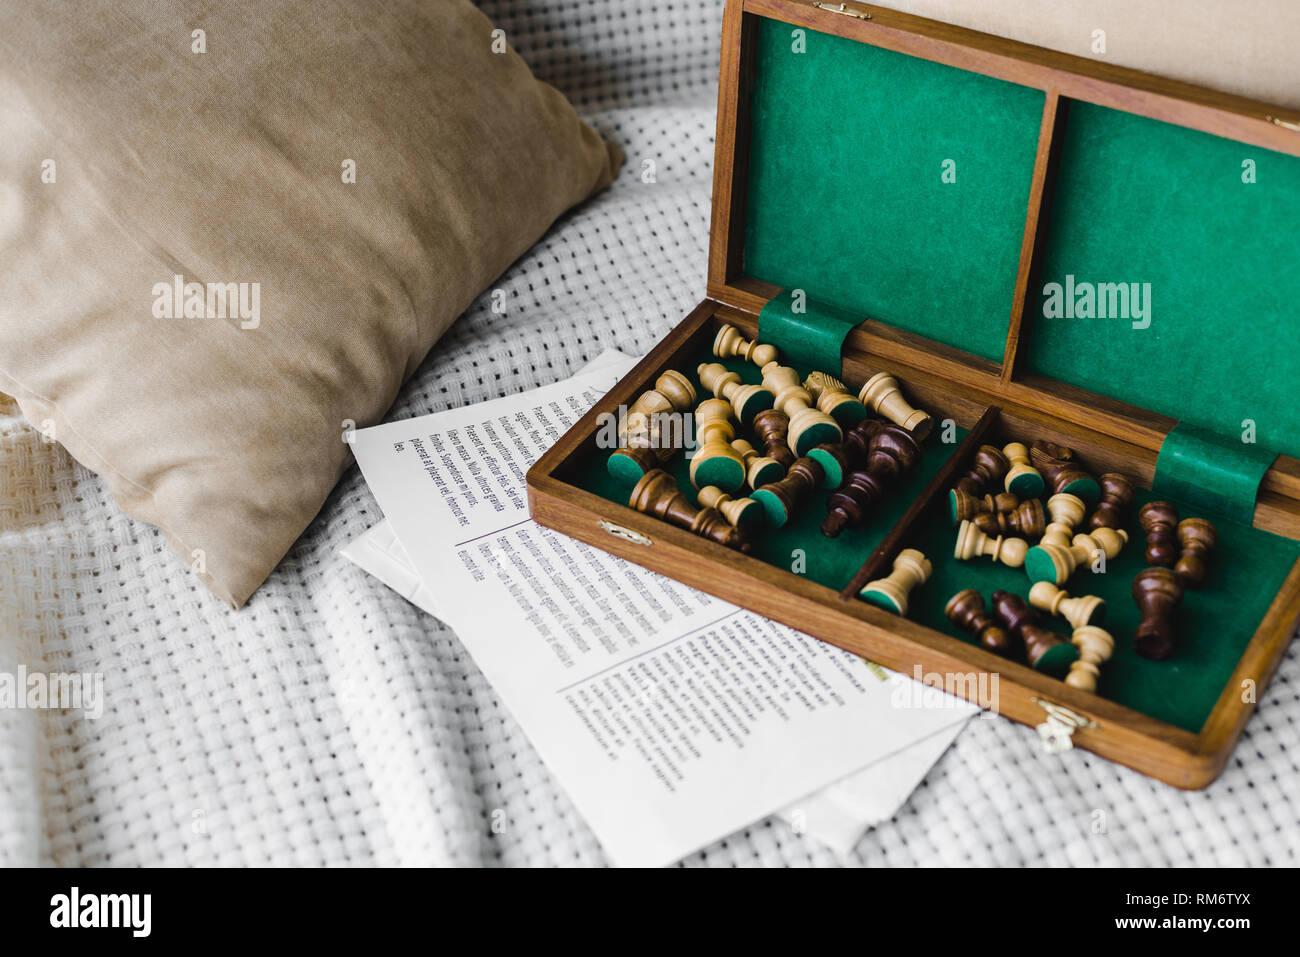 Tablero de ajedrez de madera cerca de periódico en sofá en casa Foto de stock